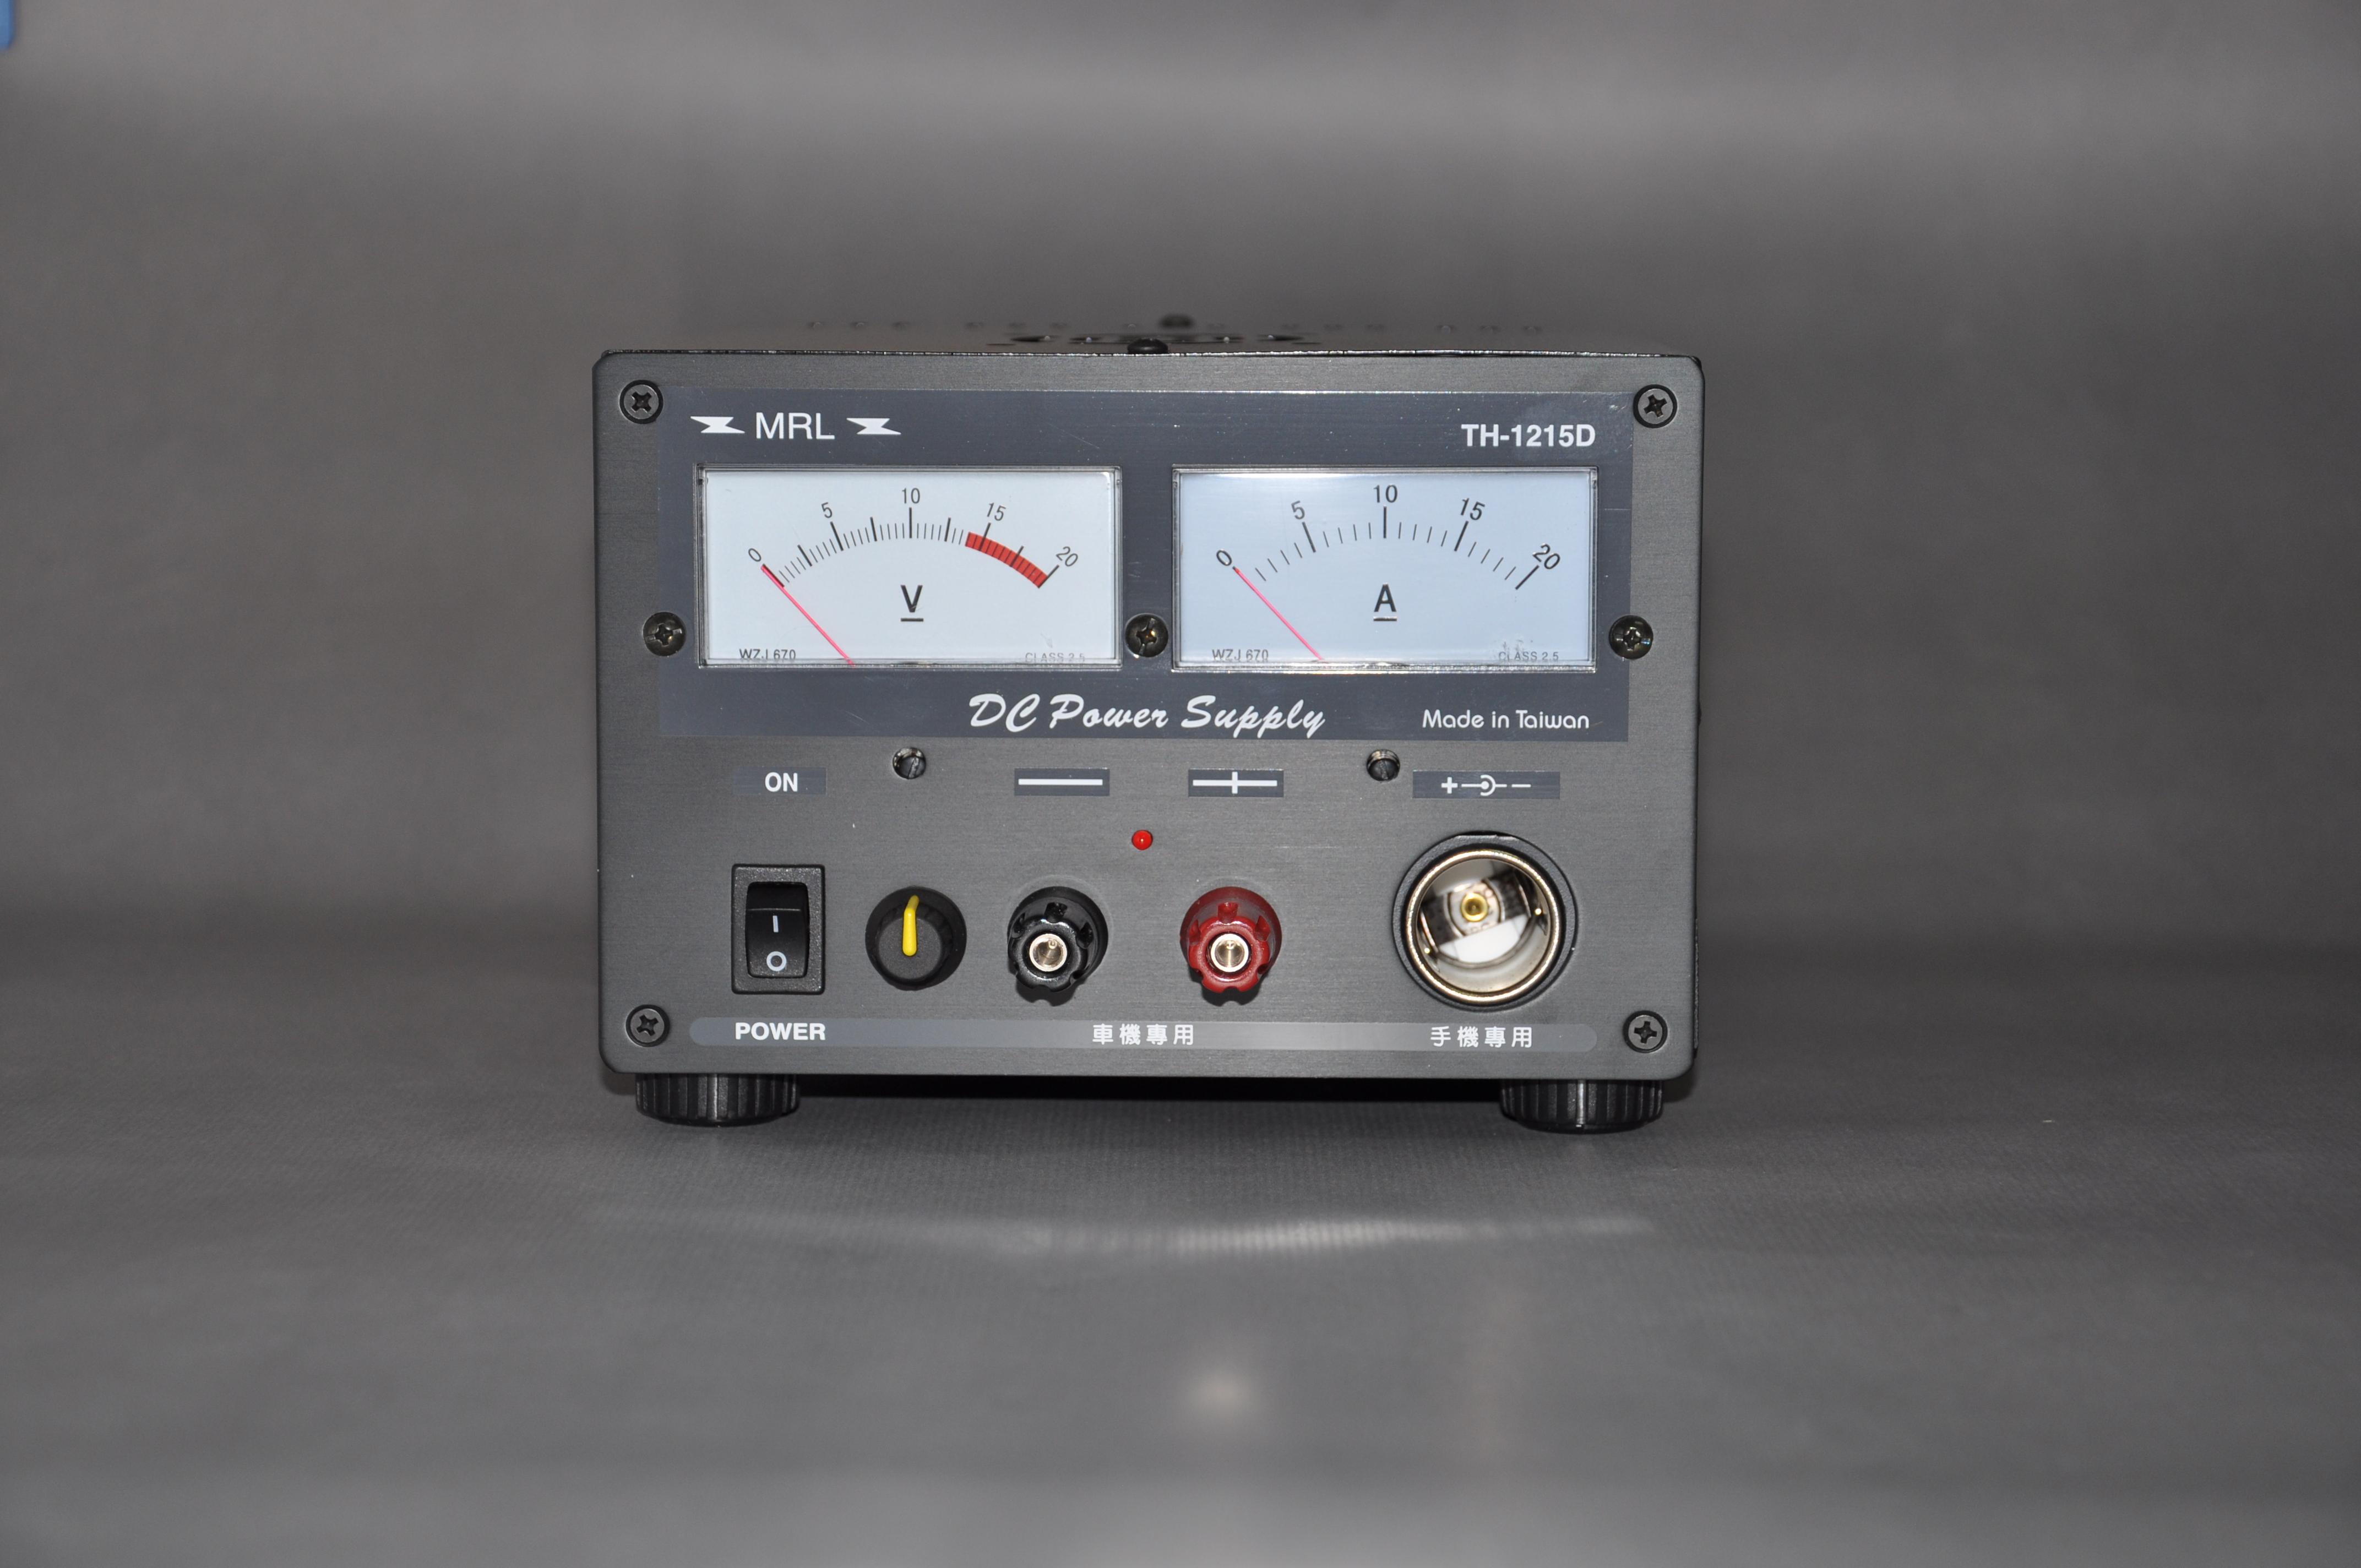 TH-1215D